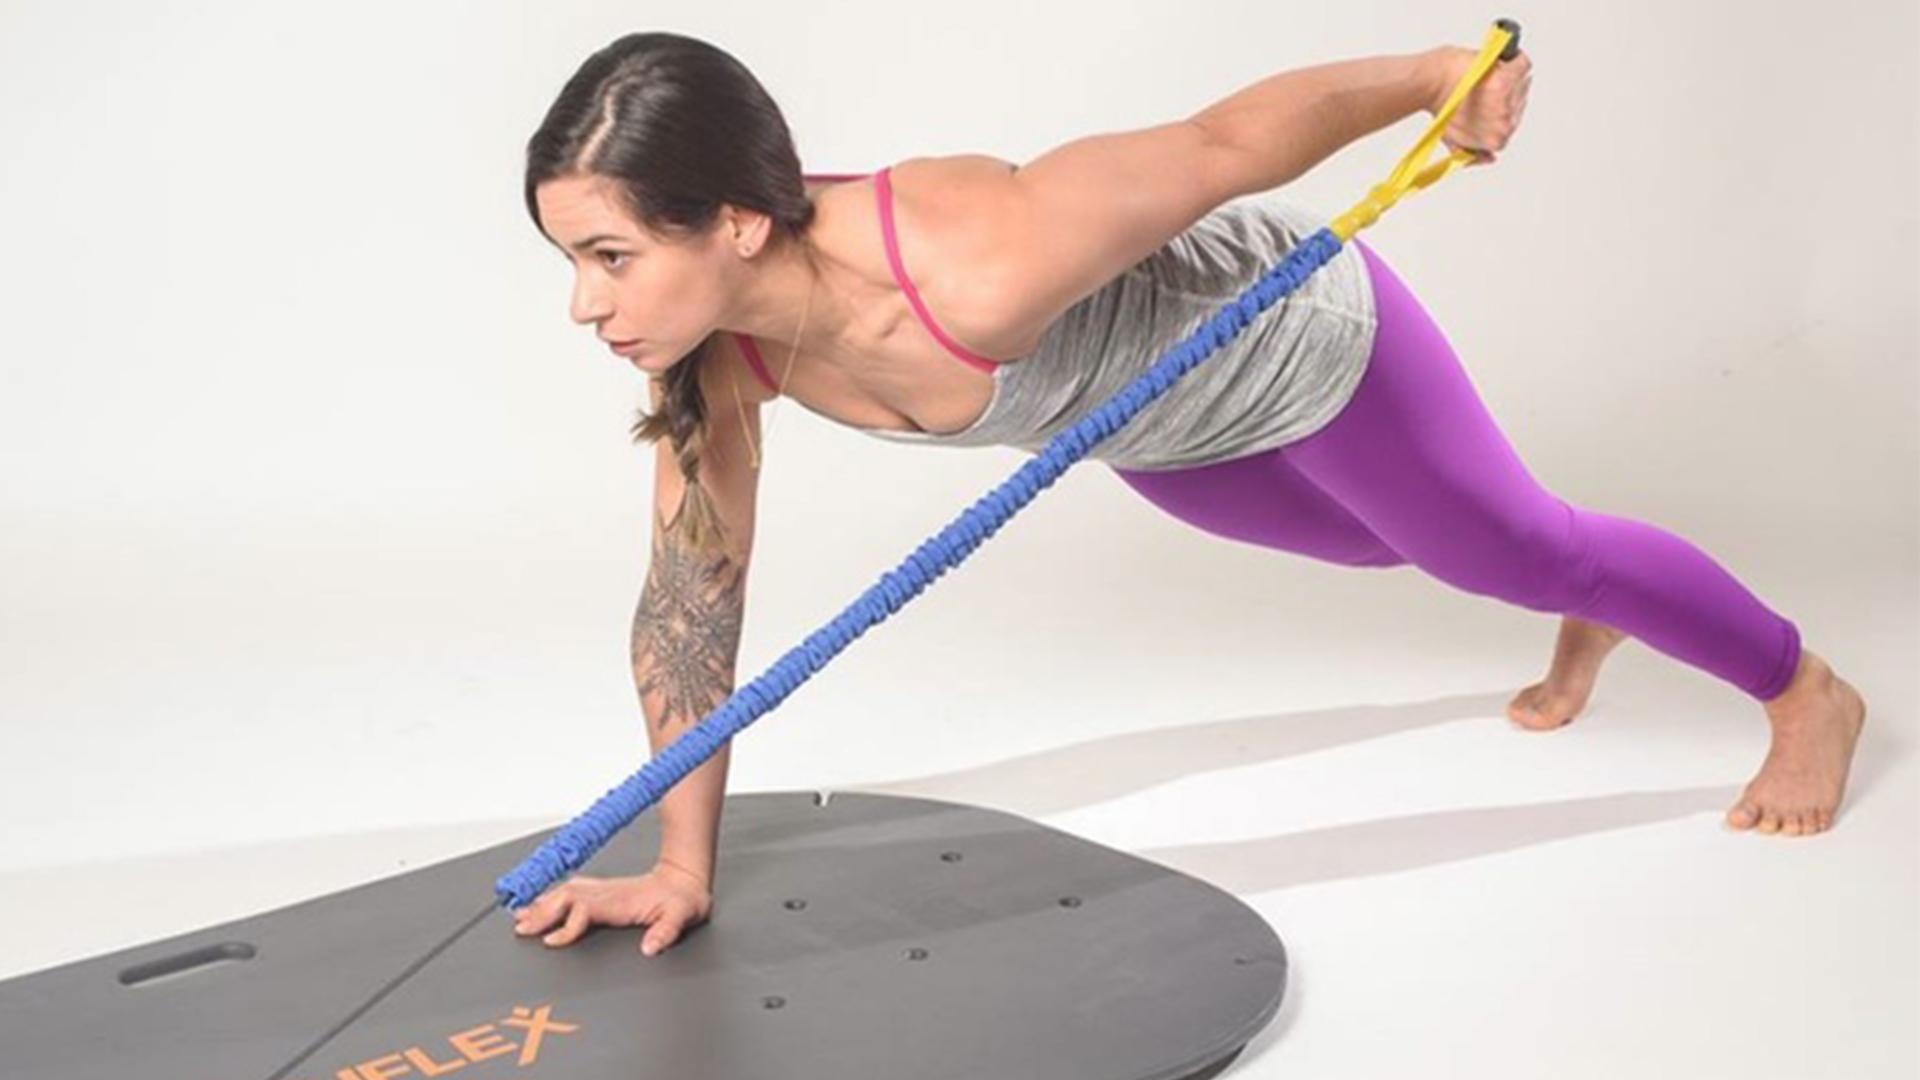 【智能界大百科】多功能健身板NOUFLEX做你的私人健身教练